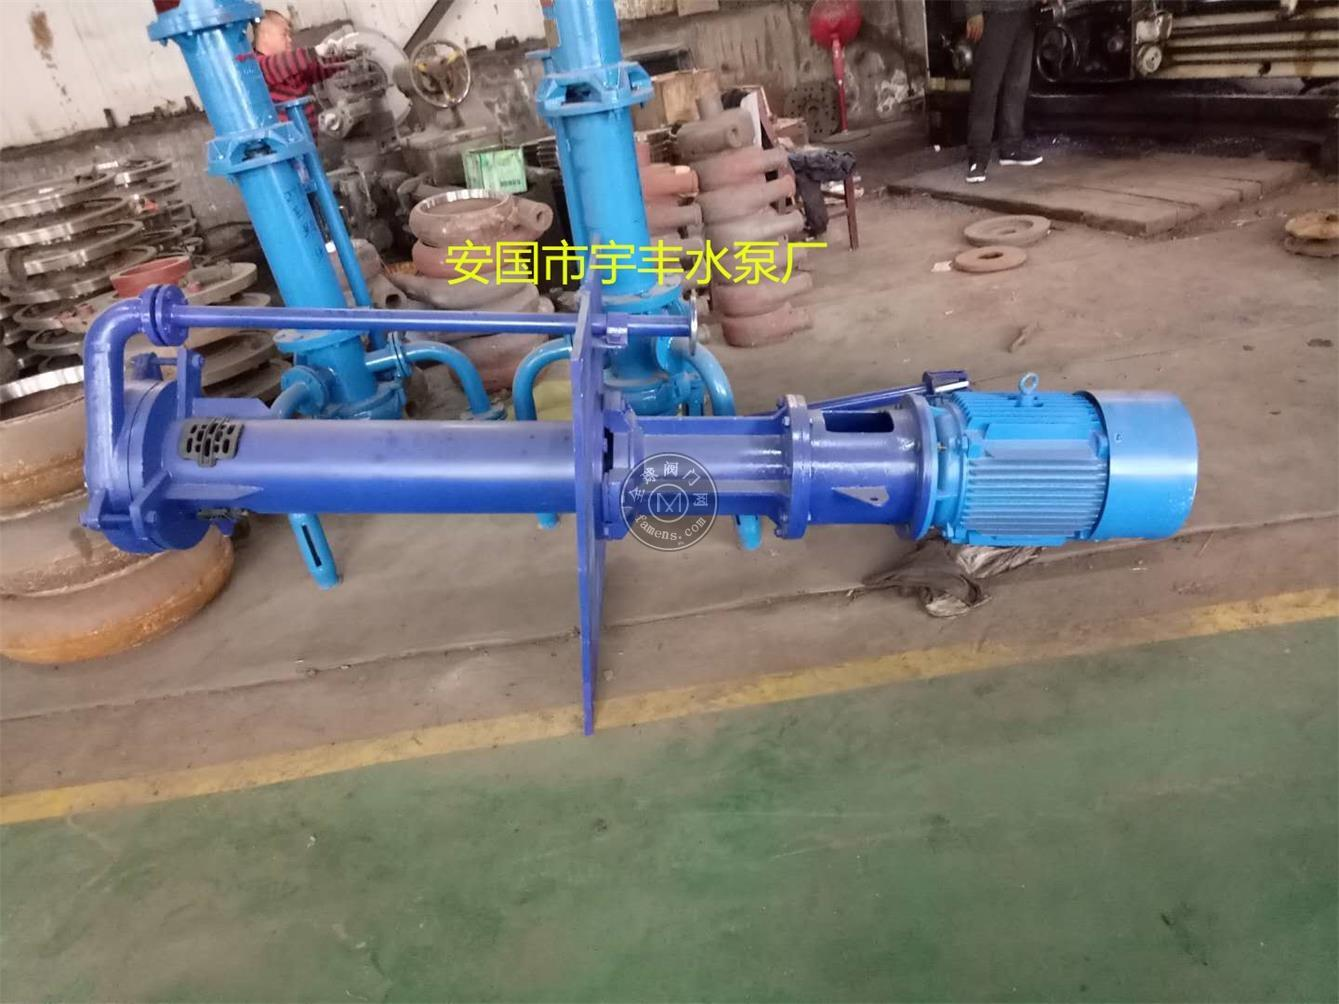 ZJL立式渣浆泵液下排污泵耐磨抽沙泵颗粒泵煤泥泵